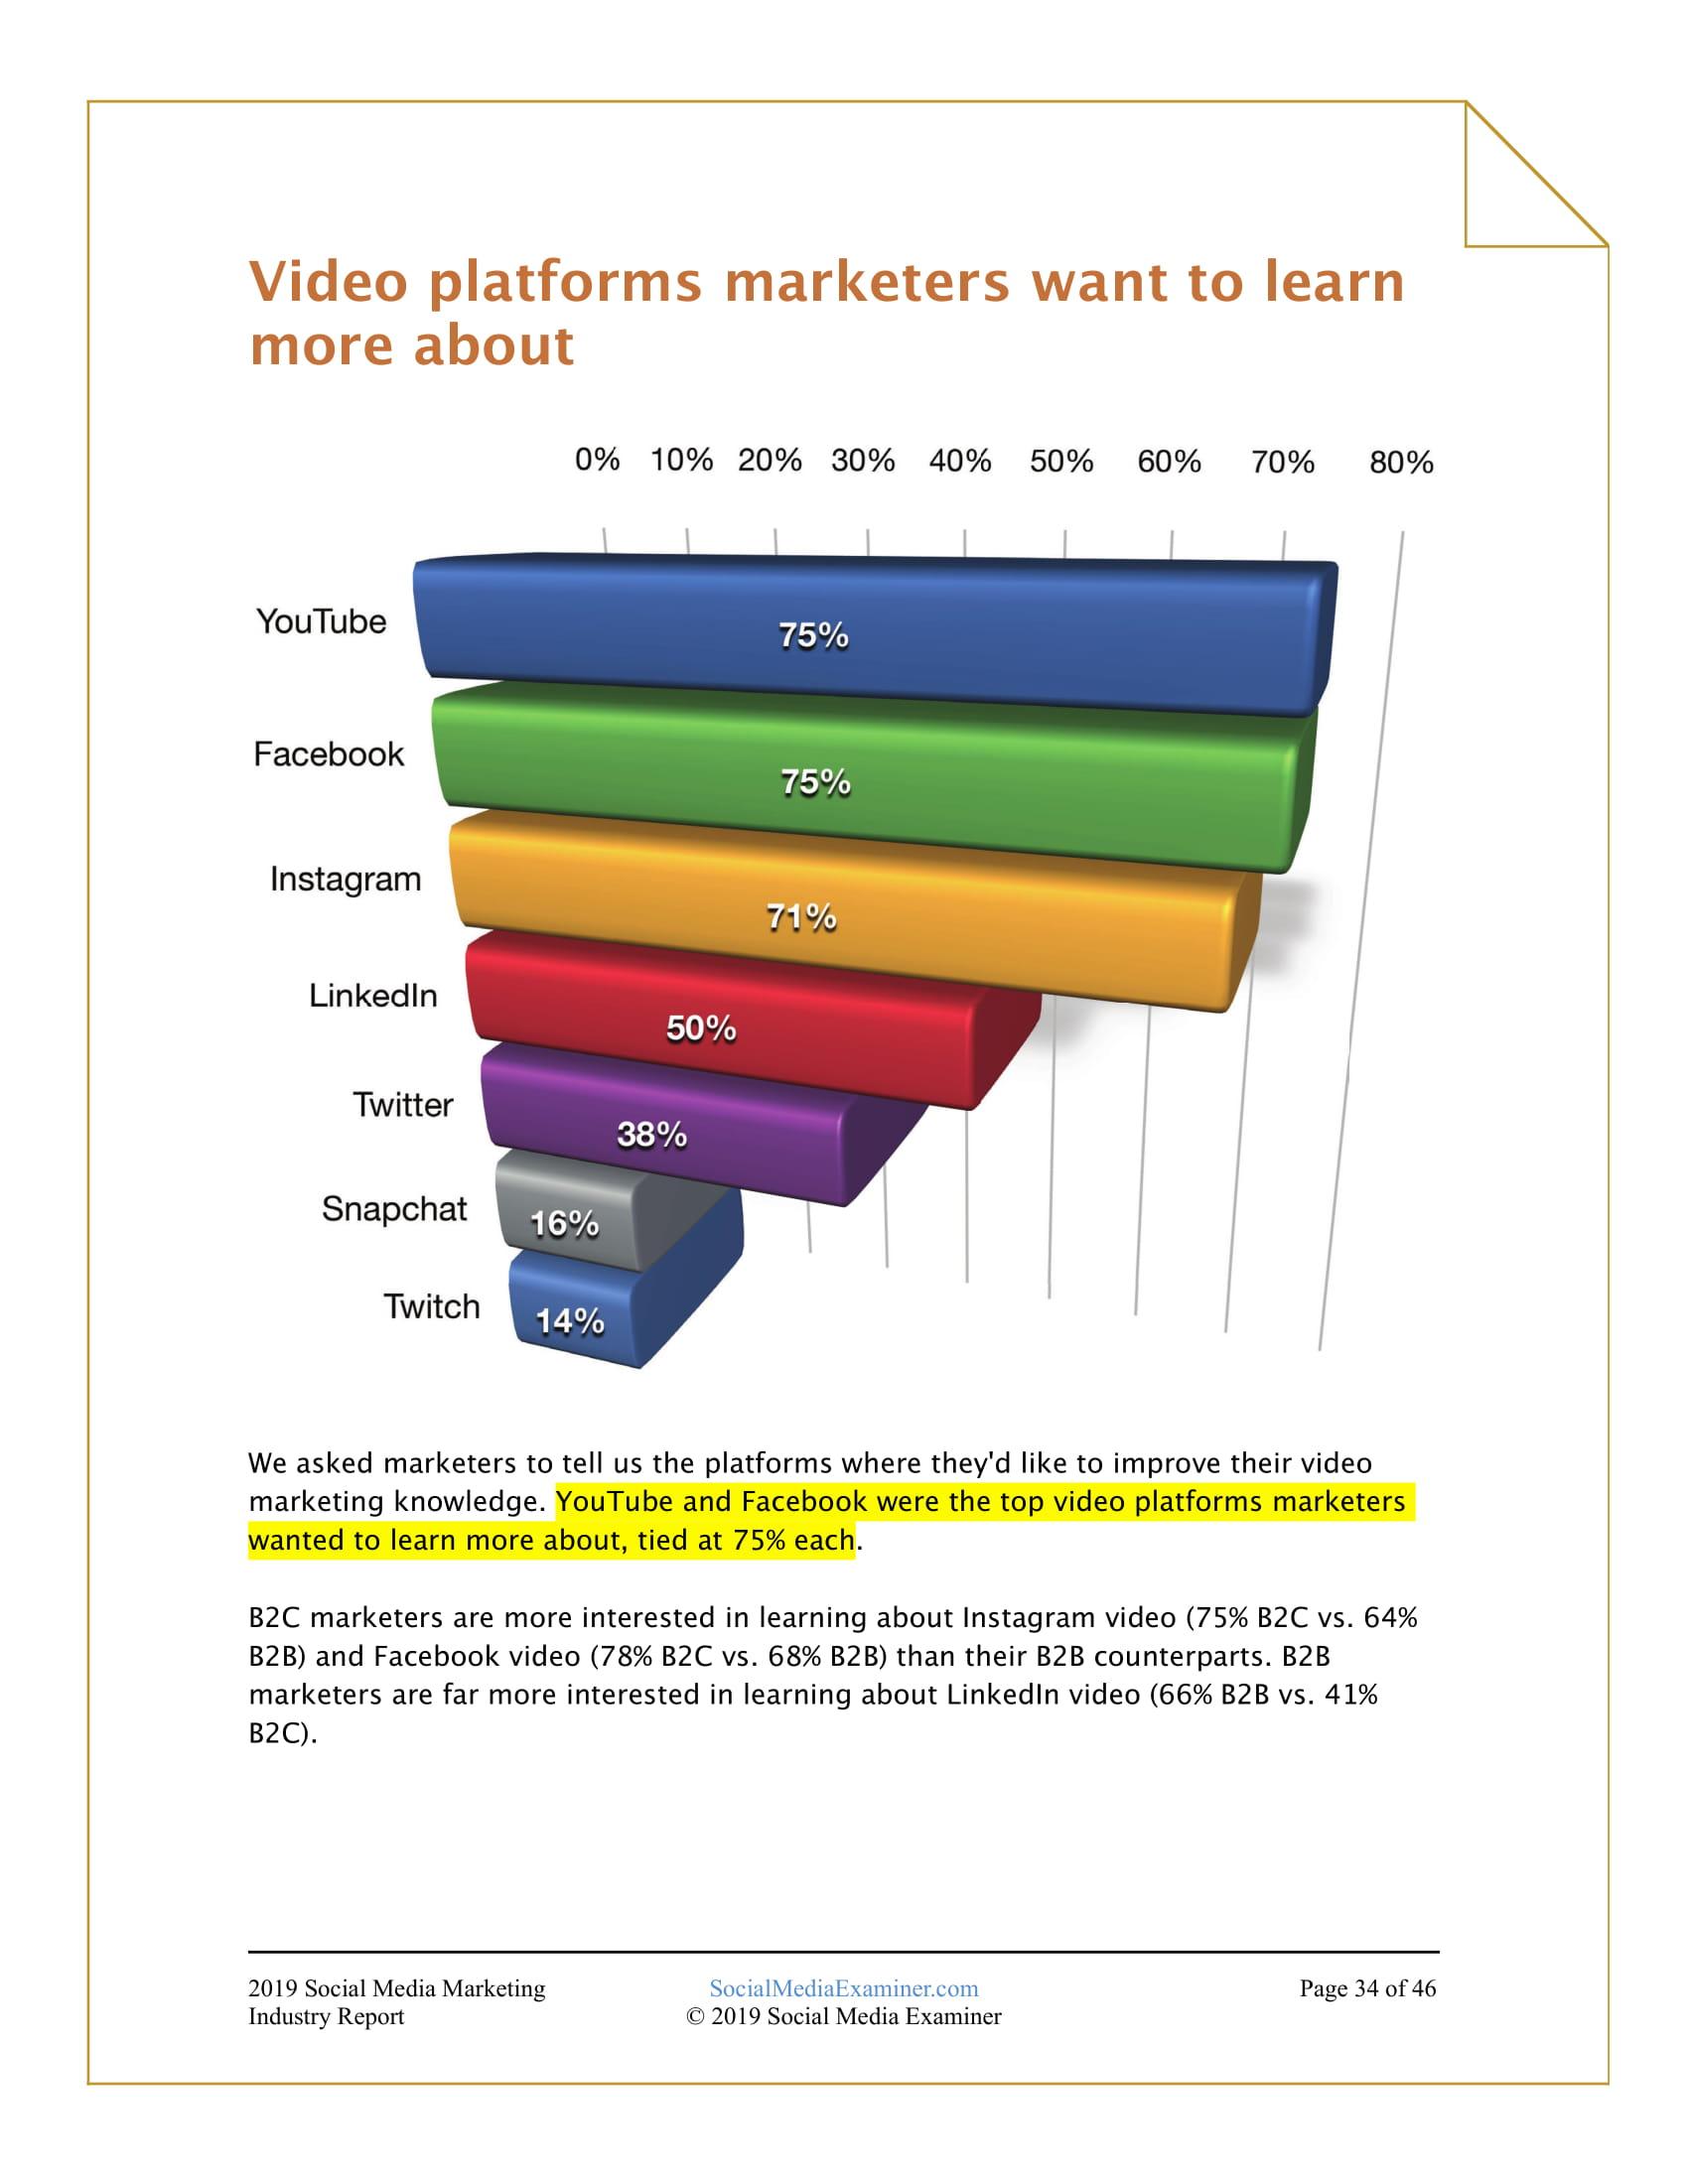 SME:2019年社交媒体营销行业报告-CNMOAD 中文移动营销资讯 35